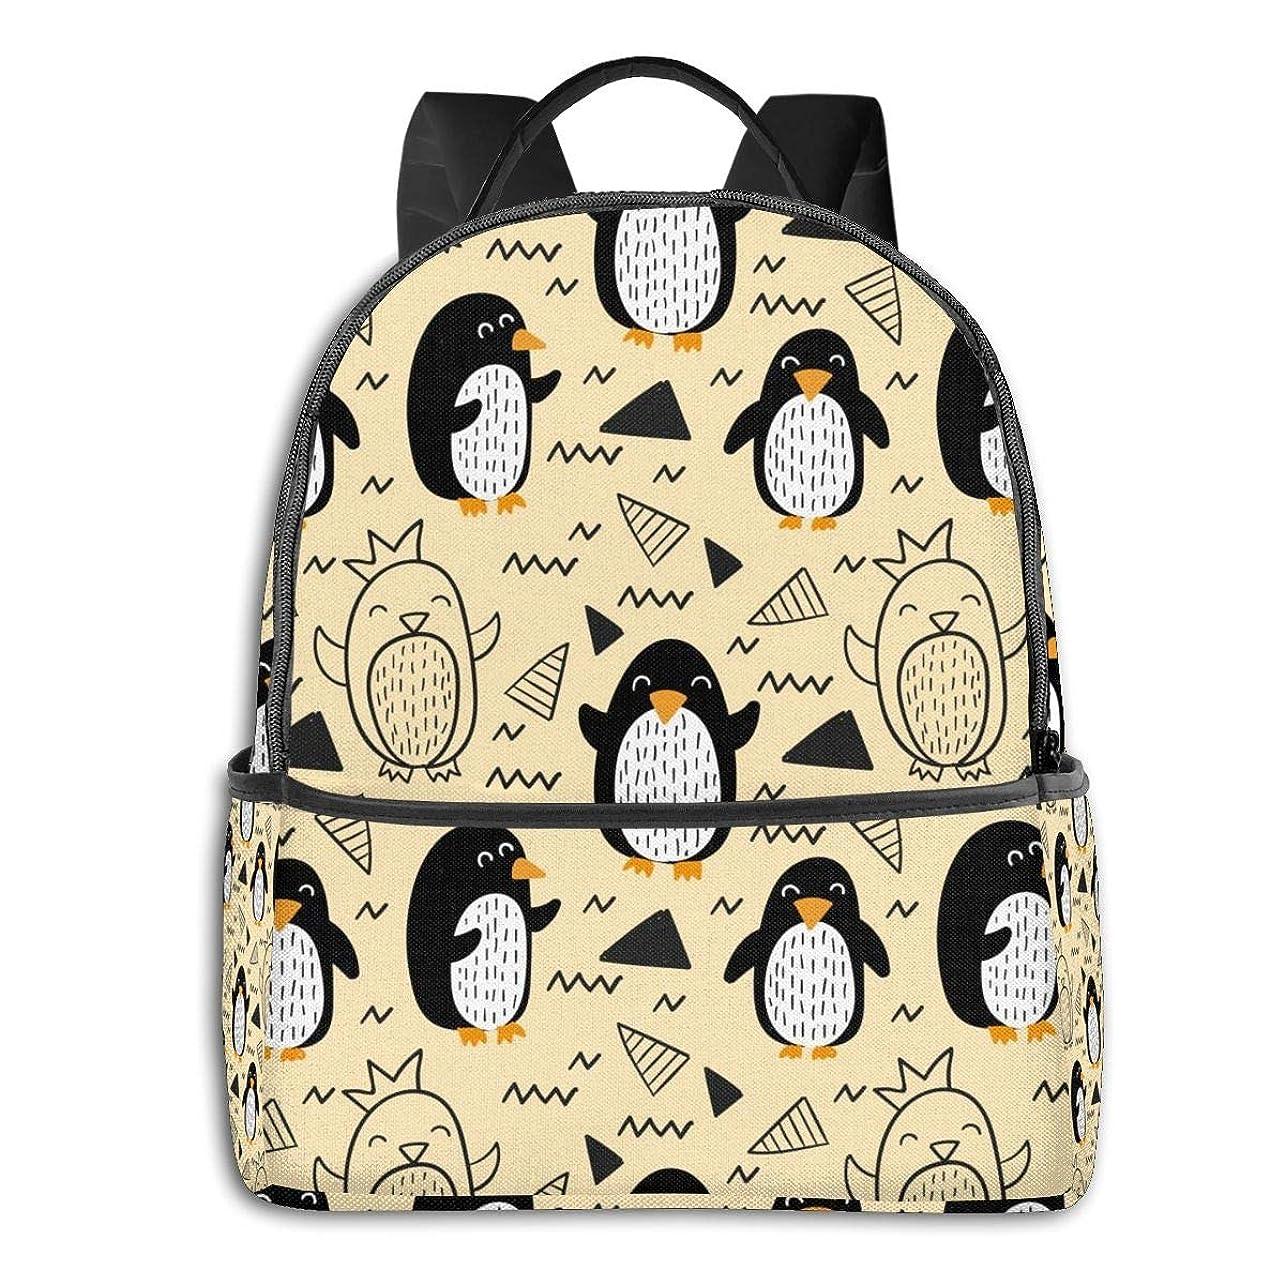 リーズ談話あえてバックパック リュック ペンギン 漫画 ビジネスリュック 大容量 軽量 多機能バッグ 通勤 通学 旅行 出張 アウトドア メンズ レディース おしゃれ 手提げ 耐衝撃 人気 男女兼用